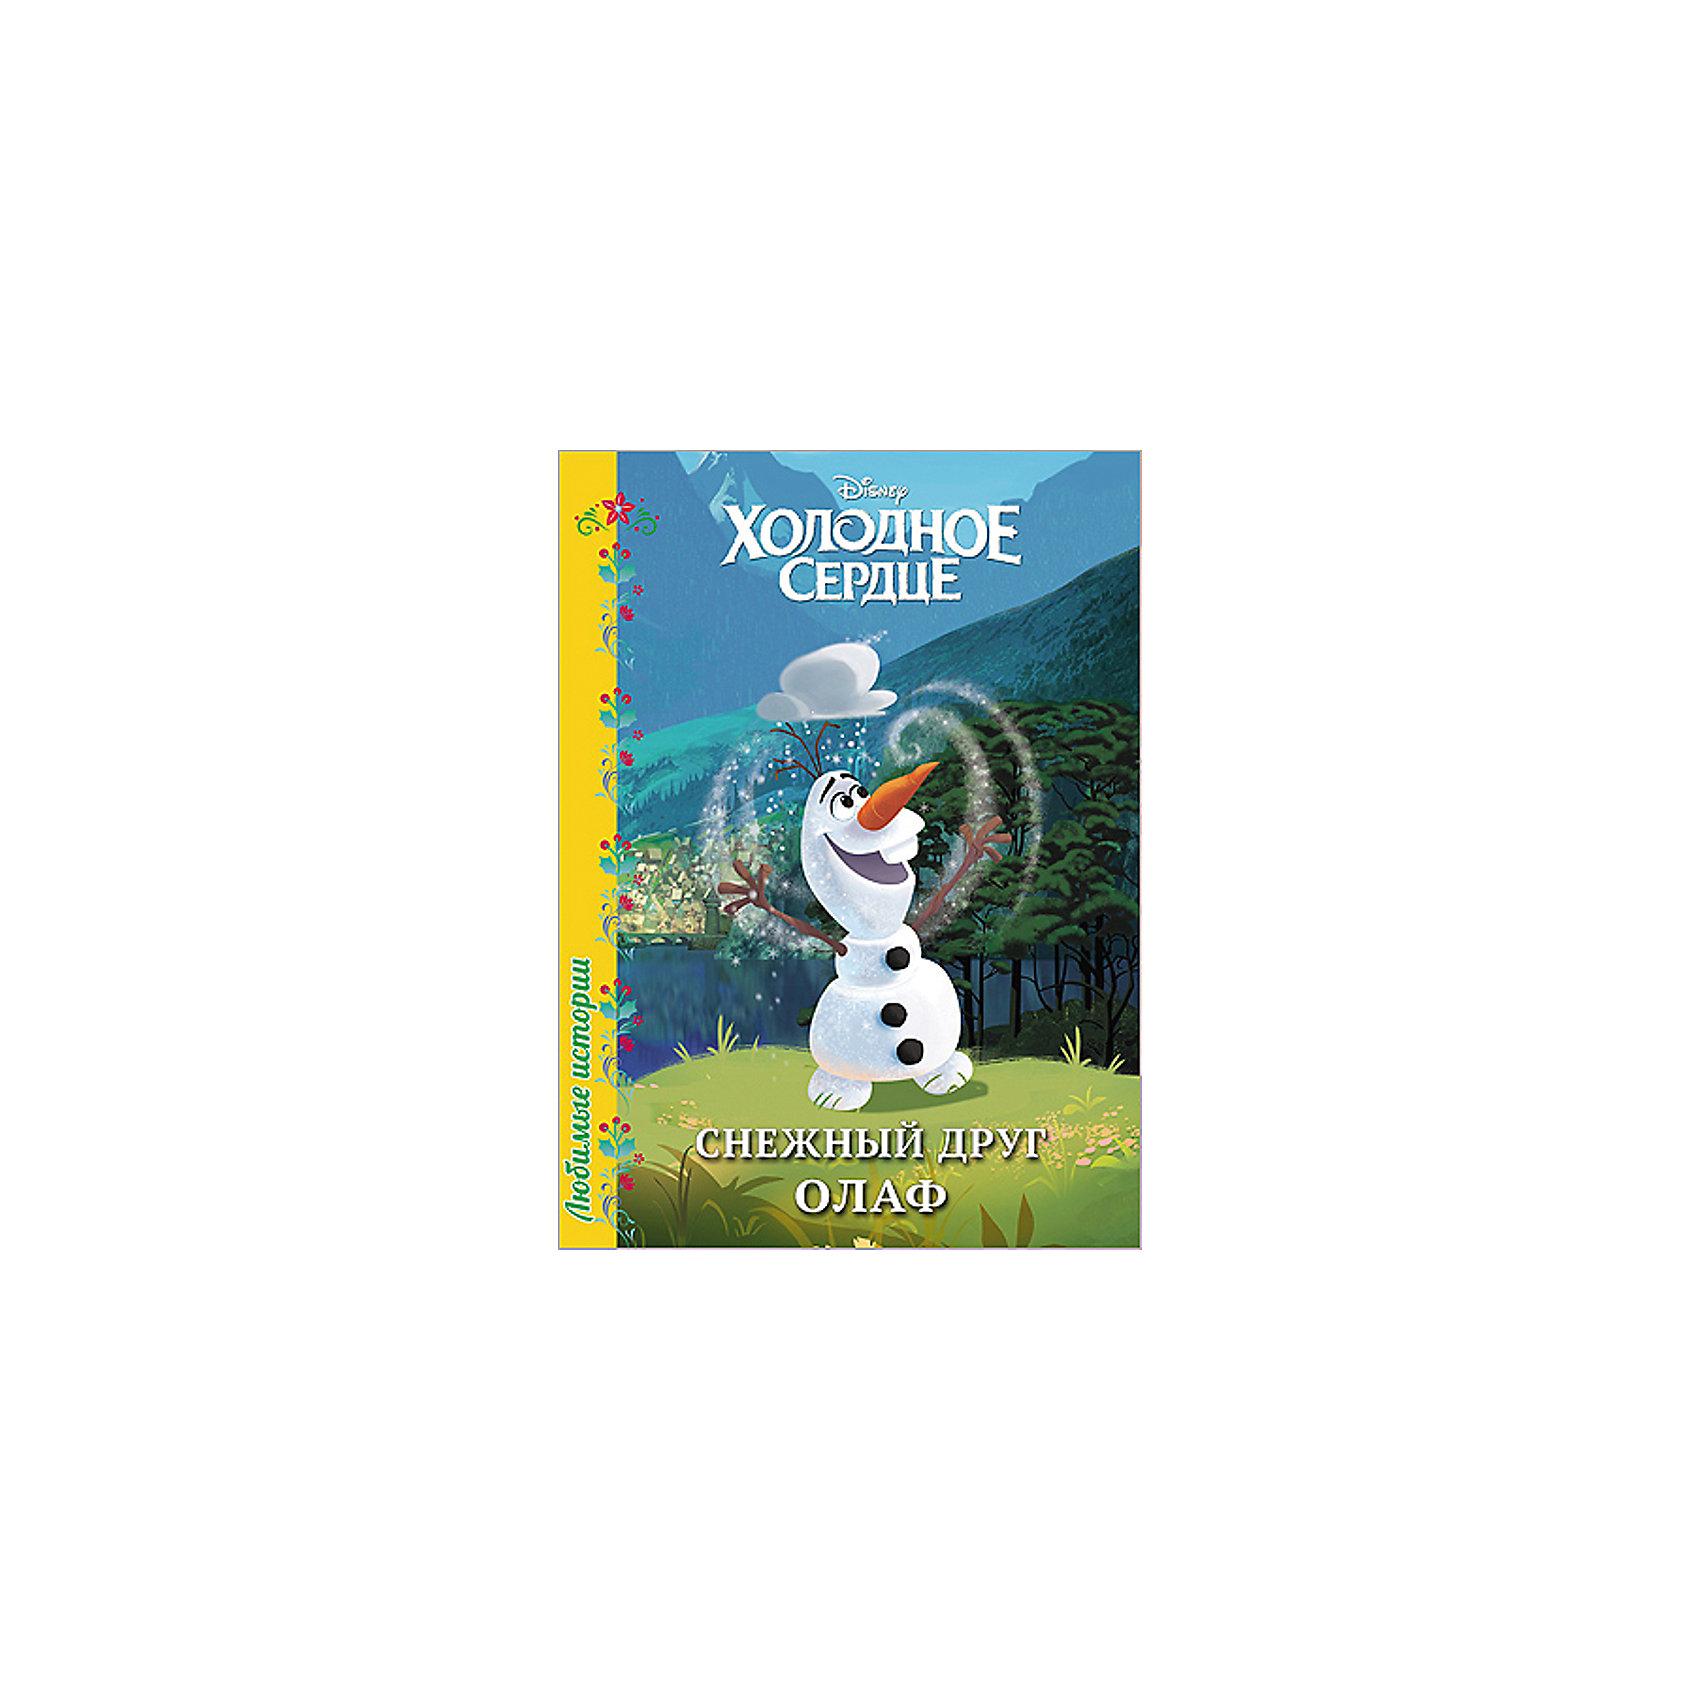 Книга Снежный друг Олаф, Холодное сердцеМаленький друг, волшебство — вокруг тебя, стоит только приглядеться! И книги Disney тебе в этом помогут. Они унесут тебя в восхитительный мир, где сказка оживает. Скорее отправляйся  в незабываемое путешествие вместе с добрым снеговиком Олафом, который так любит теплые объятия!<br><br>Дополнительная информация:<br><br>Переплет: цельнокрытый<br>Страниц: 12<br>Формат: 160х220<br><br>Книгу Снежный друг Олаф, Холодное сердце можно купить в нашем магазине.<br><br>Ширина мм: 160<br>Глубина мм: 5<br>Высота мм: 220<br>Вес г: 144<br>Возраст от месяцев: 12<br>Возраст до месяцев: 48<br>Пол: Женский<br>Возраст: Детский<br>SKU: 4347271